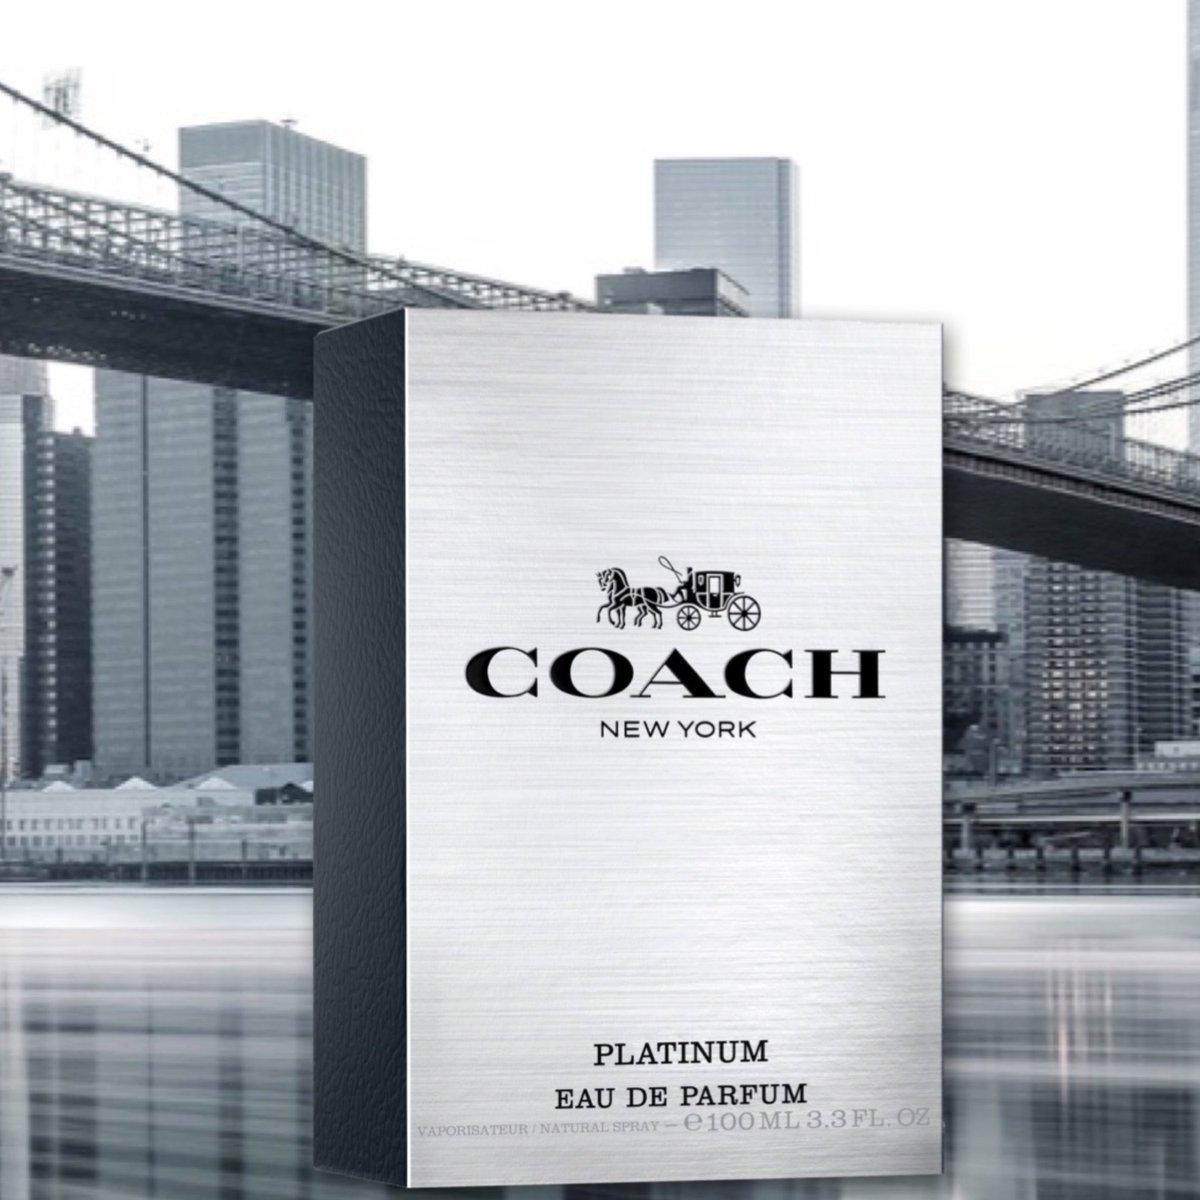 Un aluminio cepillado cubre la portada del empaque del Coach Platinum New York. Ven a conocer esta nueva fragancia! #CoachPlatinumNewYork #CoachPlatinum